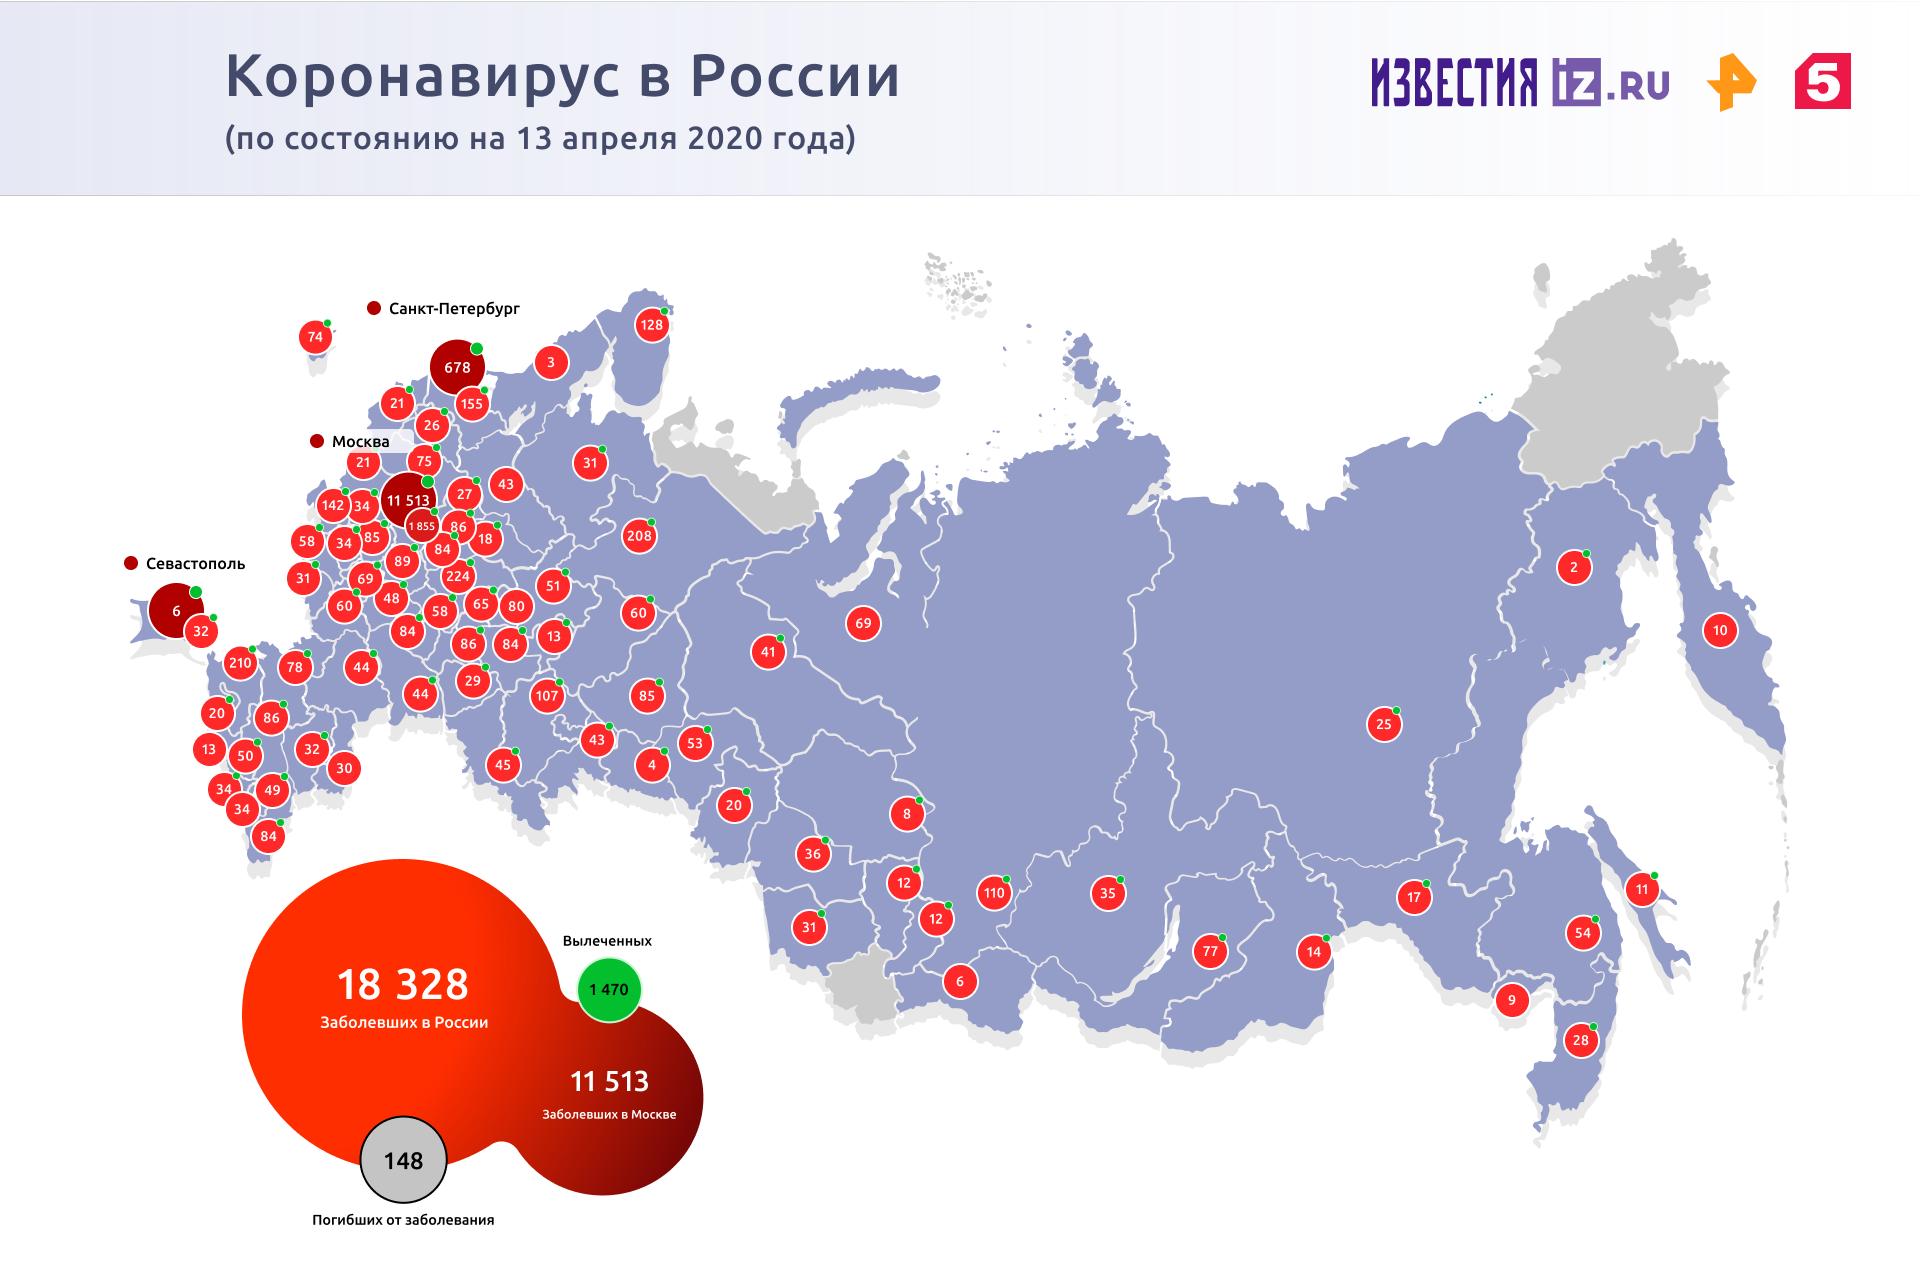 Попова выразила надежду, что рост заболеваний коронавирусом продлится не более недели